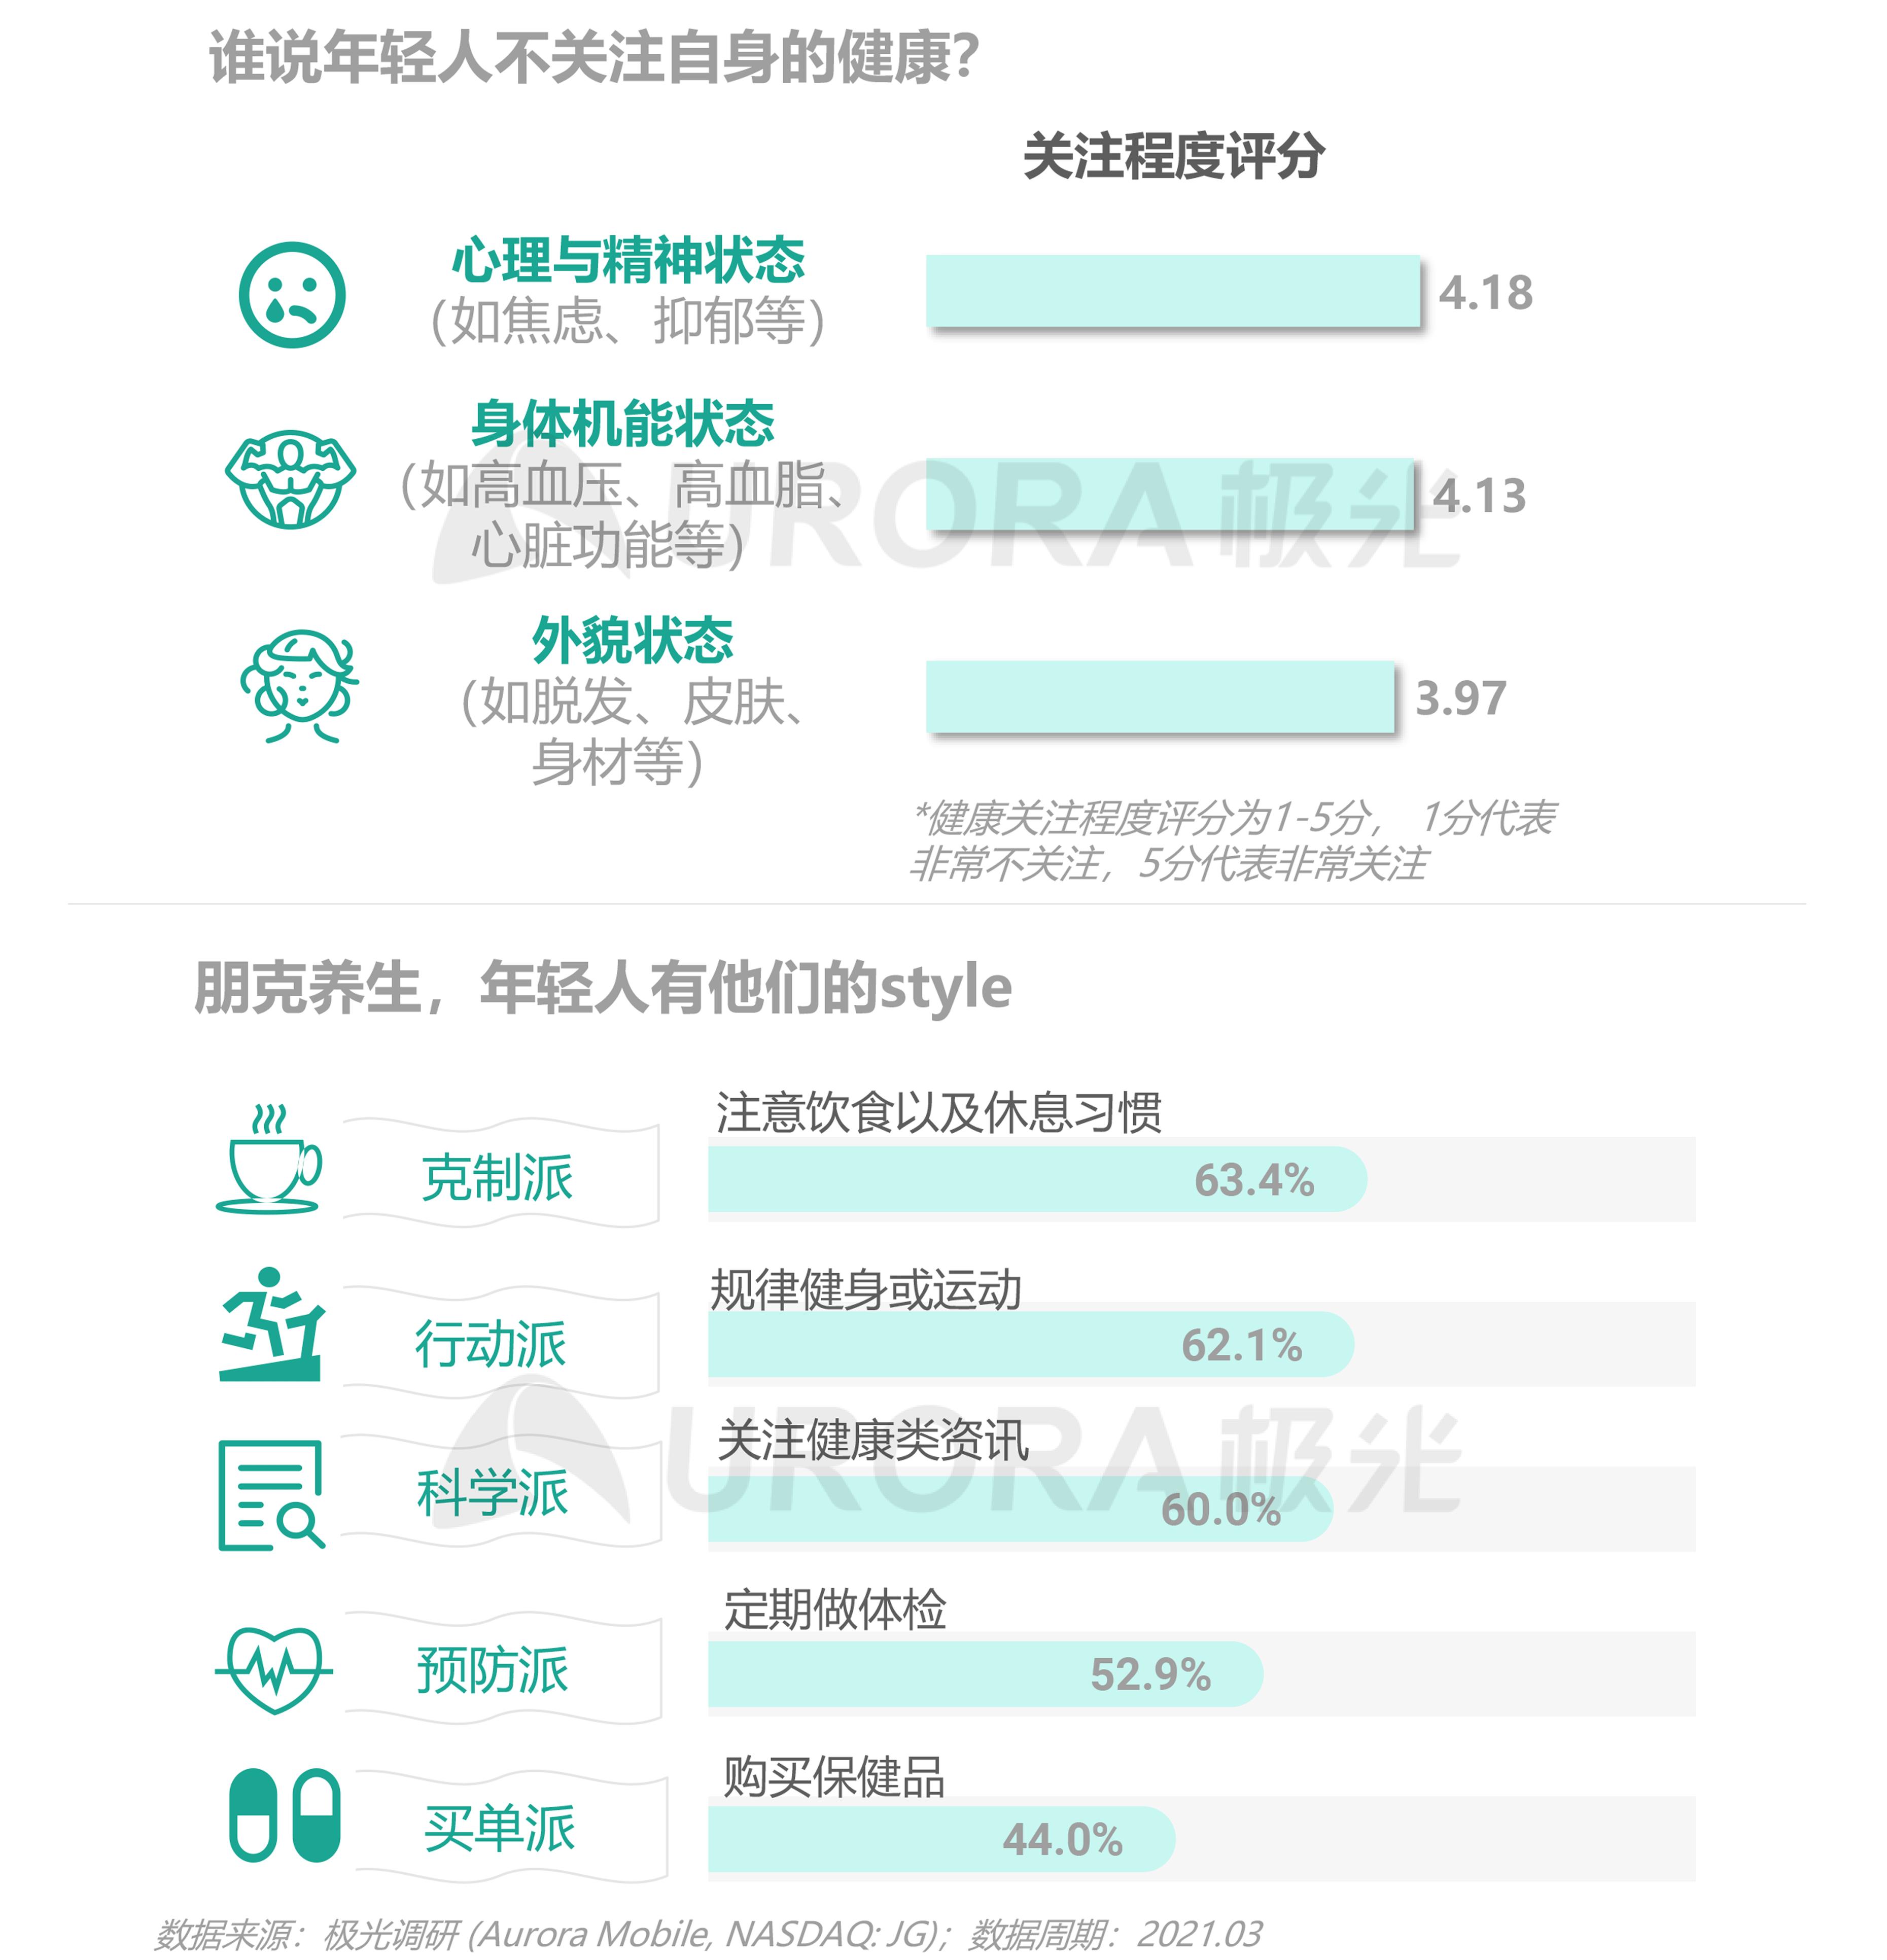 2021年轻人营销趋势研究报告【定稿】-14.png